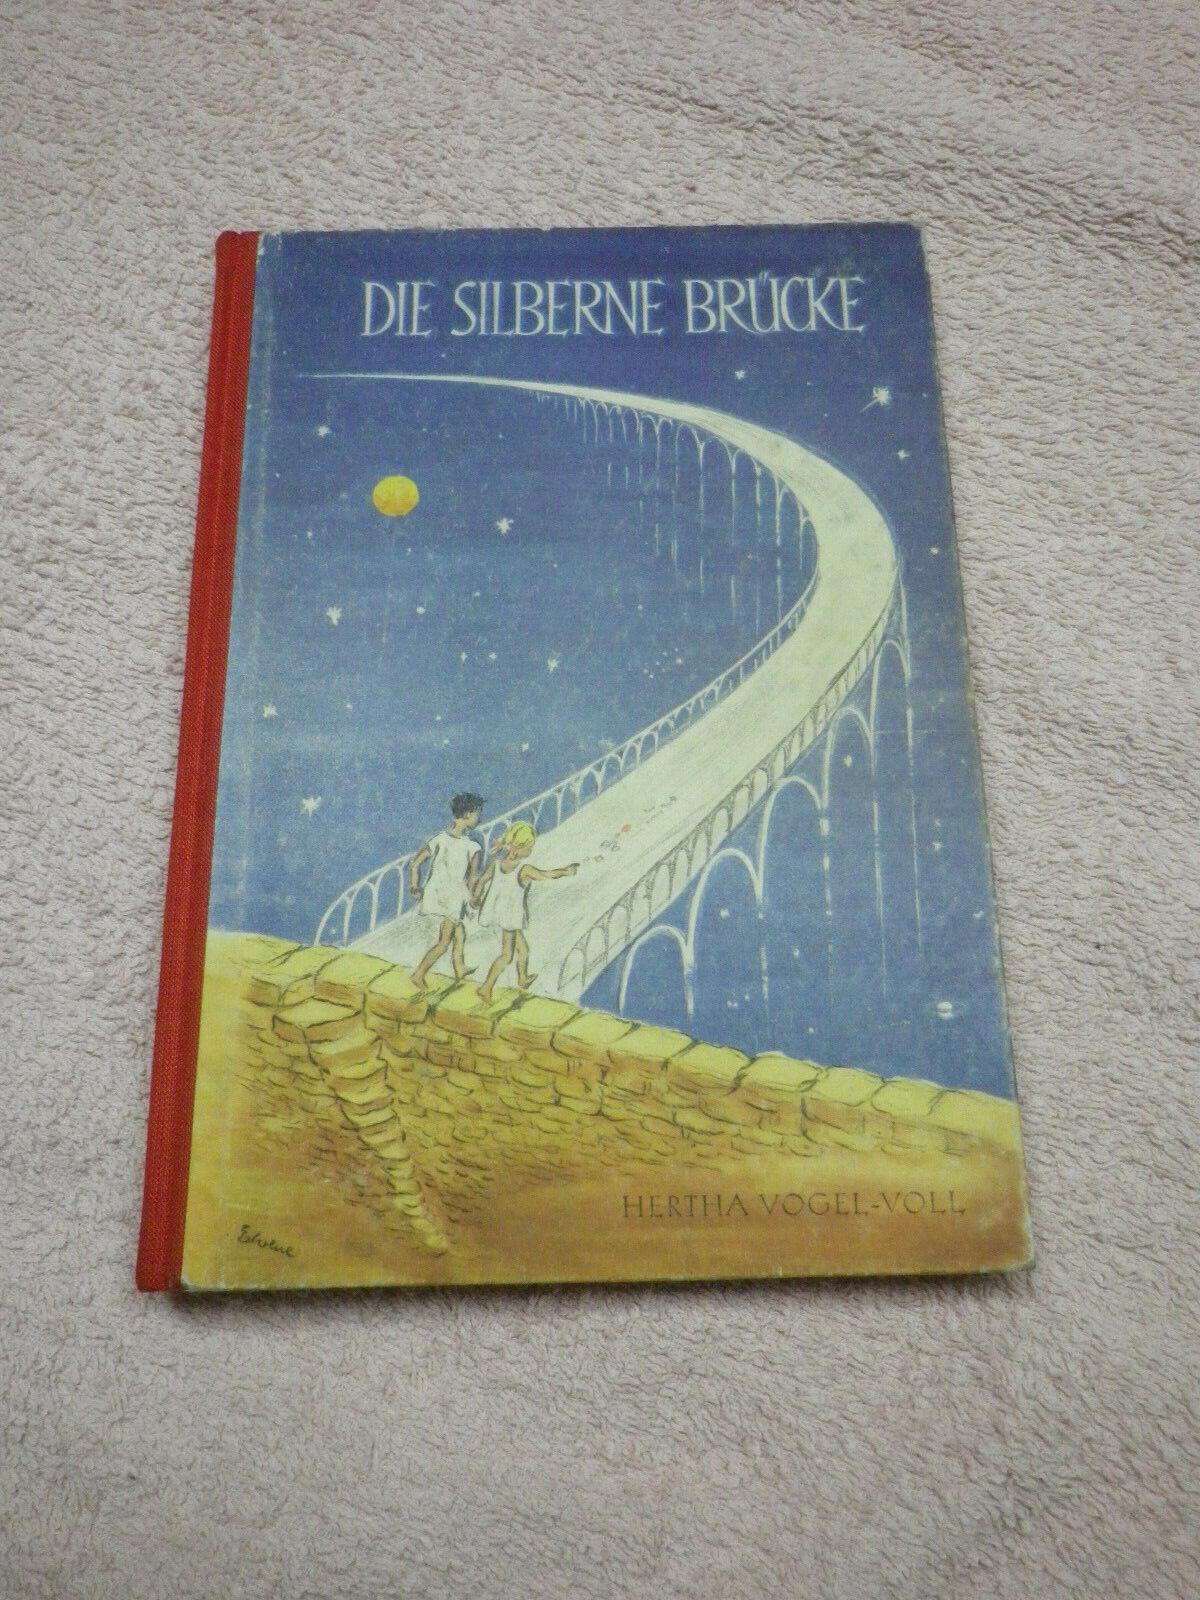 Die silberne Brücke  (Hertha Vogel-Voll), sehr selten, DDR Kinderbuch 1951